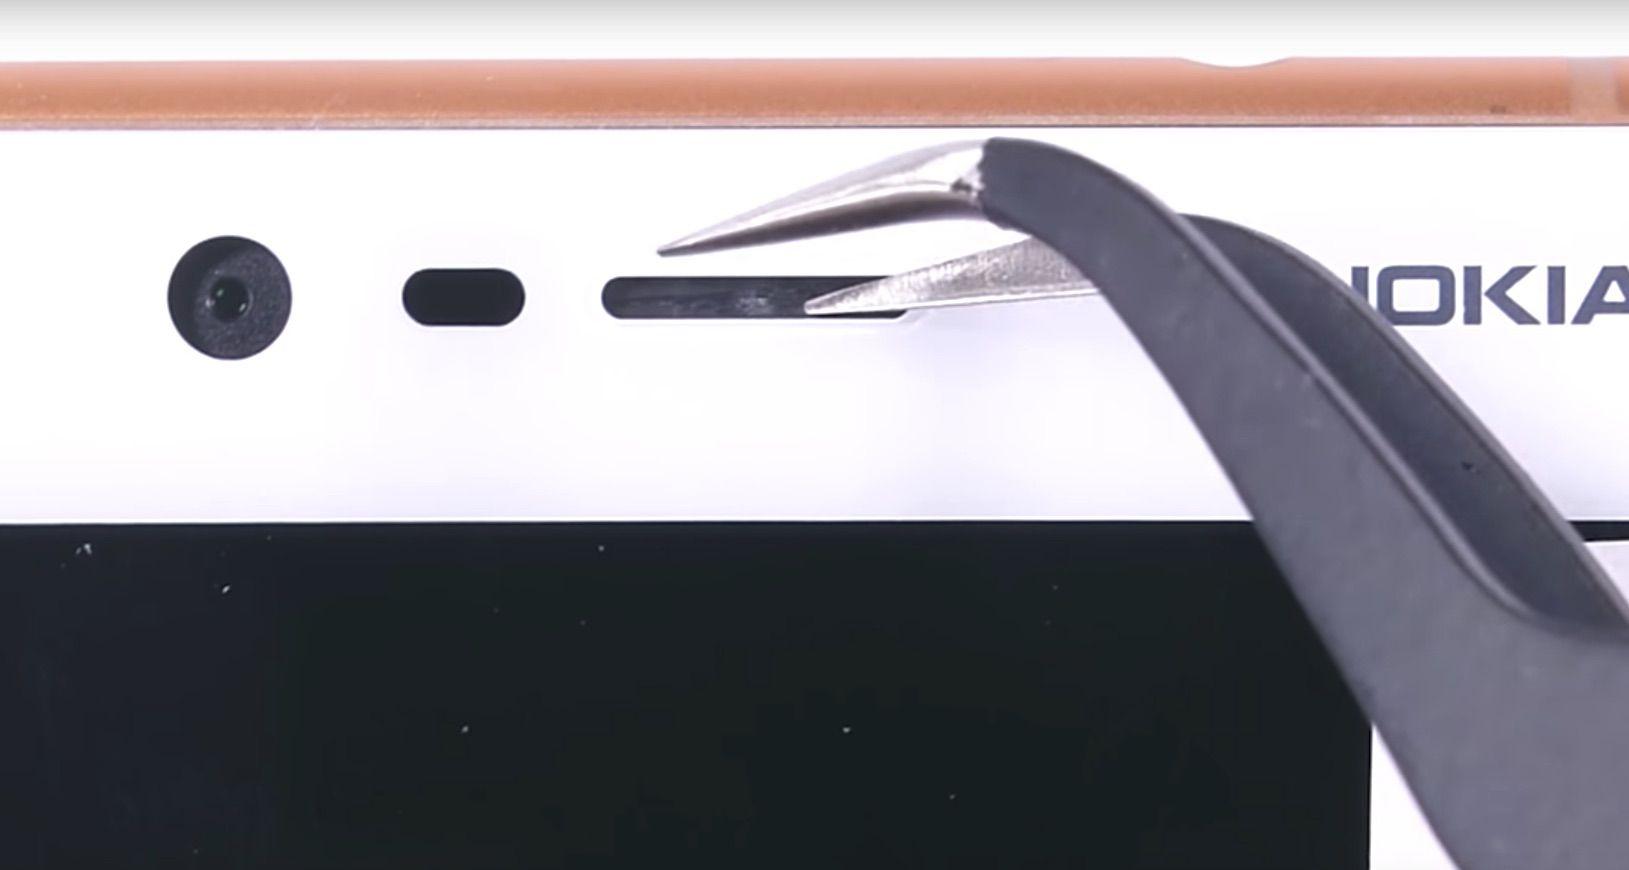 Nokia-3-Durability-Test-6